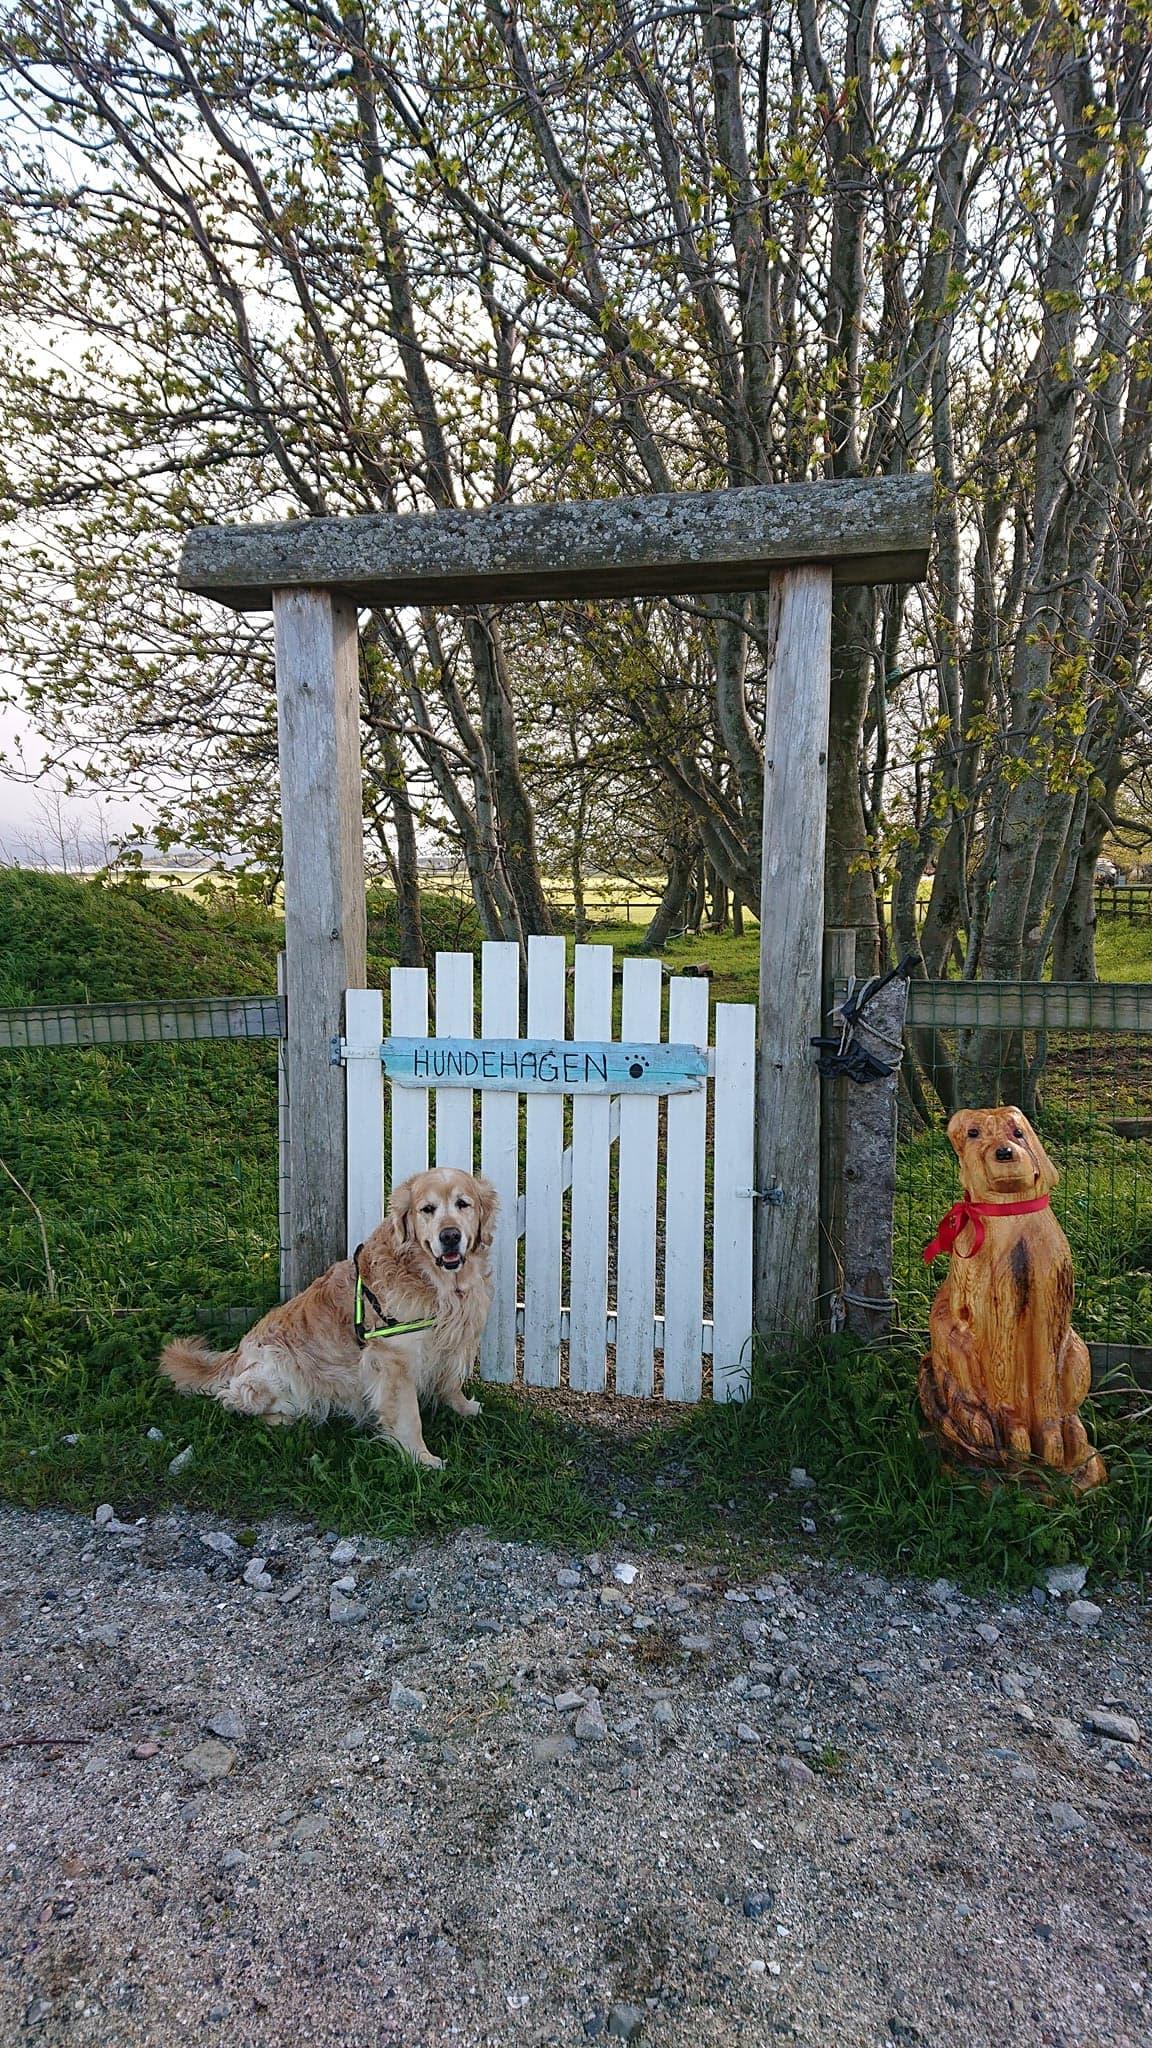 Hundehagen / area for dogs